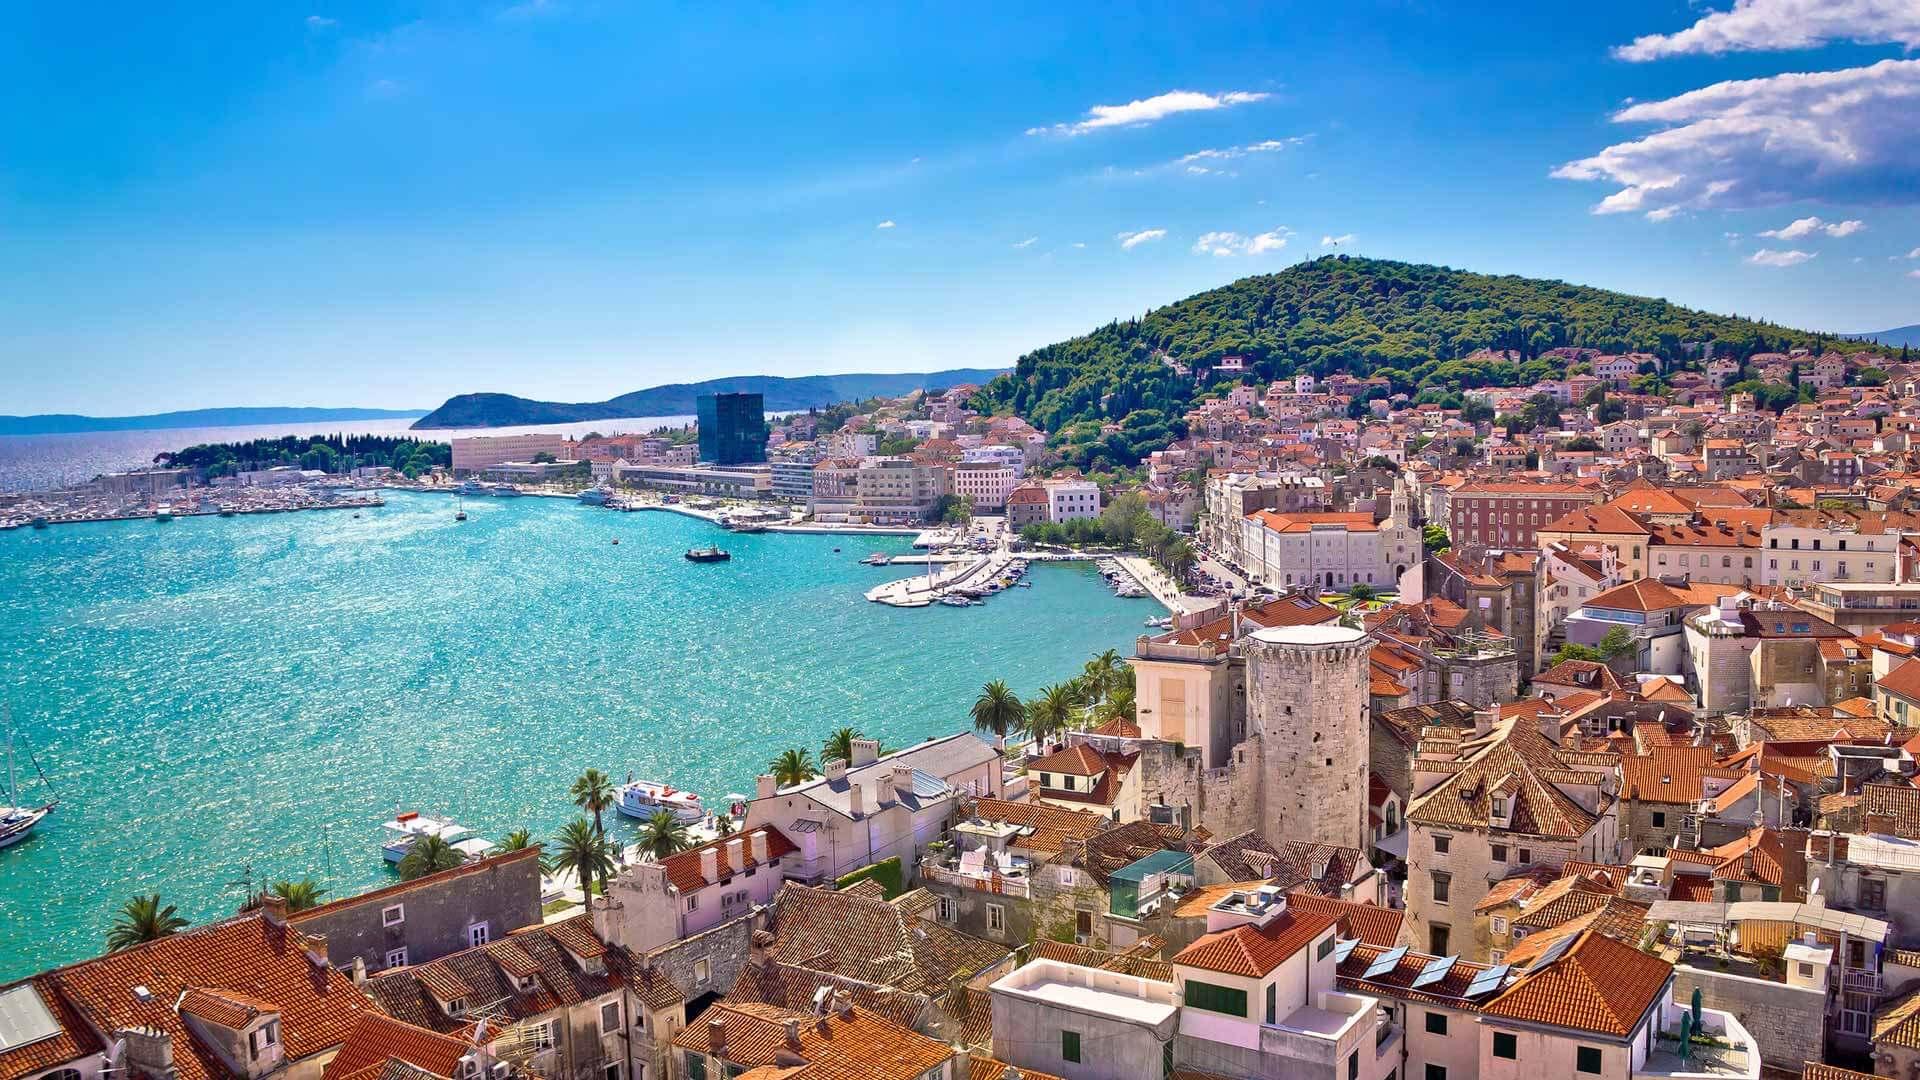 Les plus beaux ports de la Méditerranée